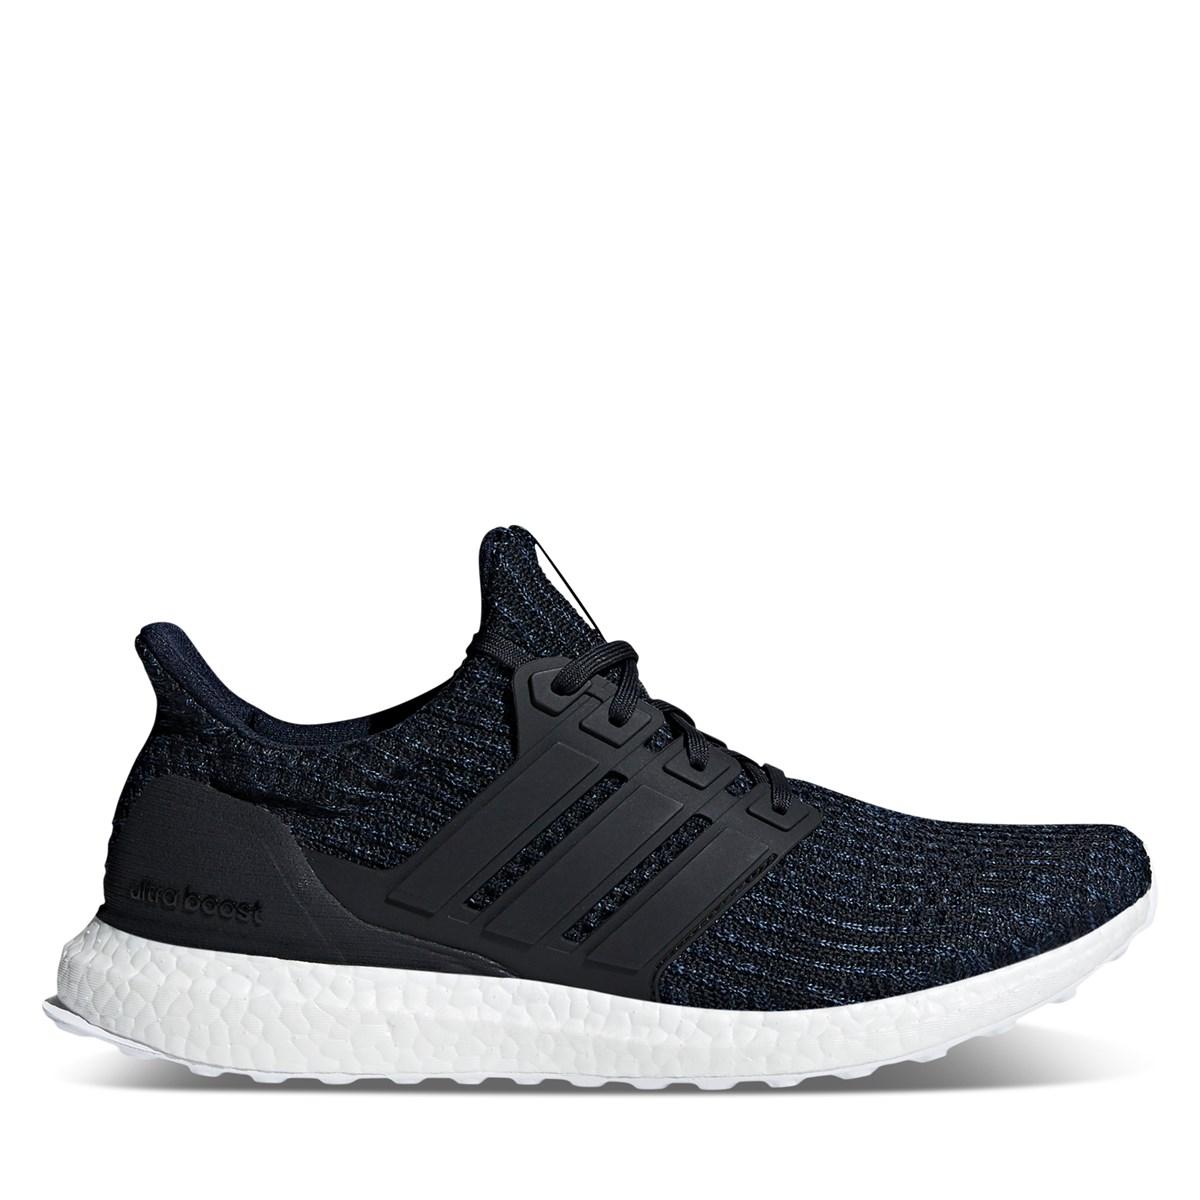 size 40 bf495 7d09e Men's Ultraboost Parley Sneaker in Black